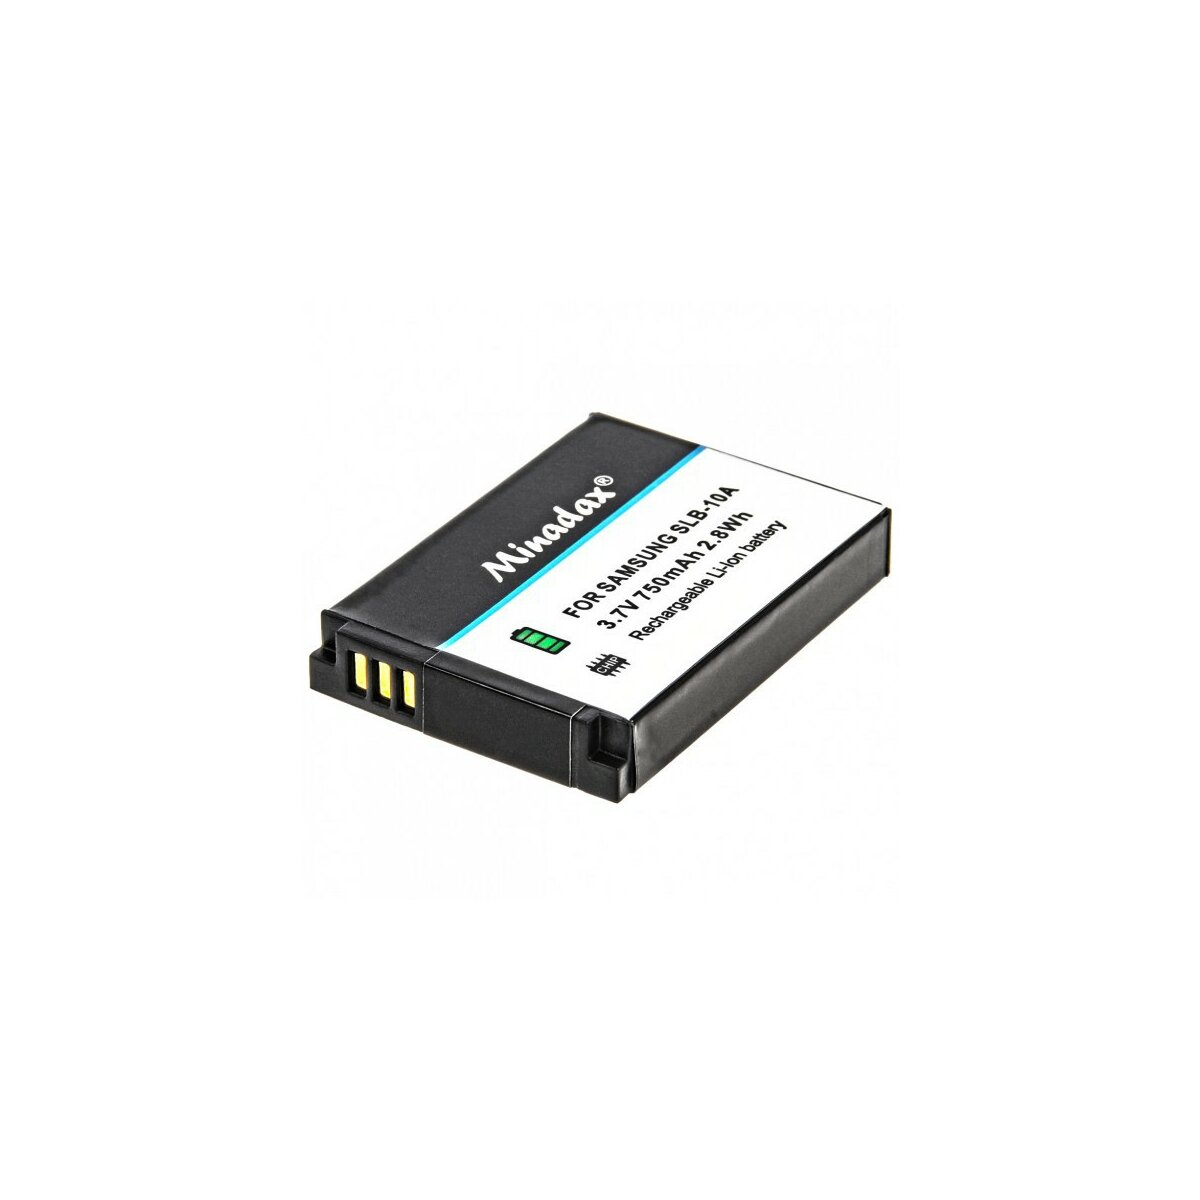 Minadax® Qualitaetsakku mit echten 750 mAh fuer Samsung EX2F, WB2100, WB250, WB252; SMART Camera WB150, WB200, WB202, WB250, WB252, WB800, wie SLB-10A - Intelligentes Akkusystem mit Chip